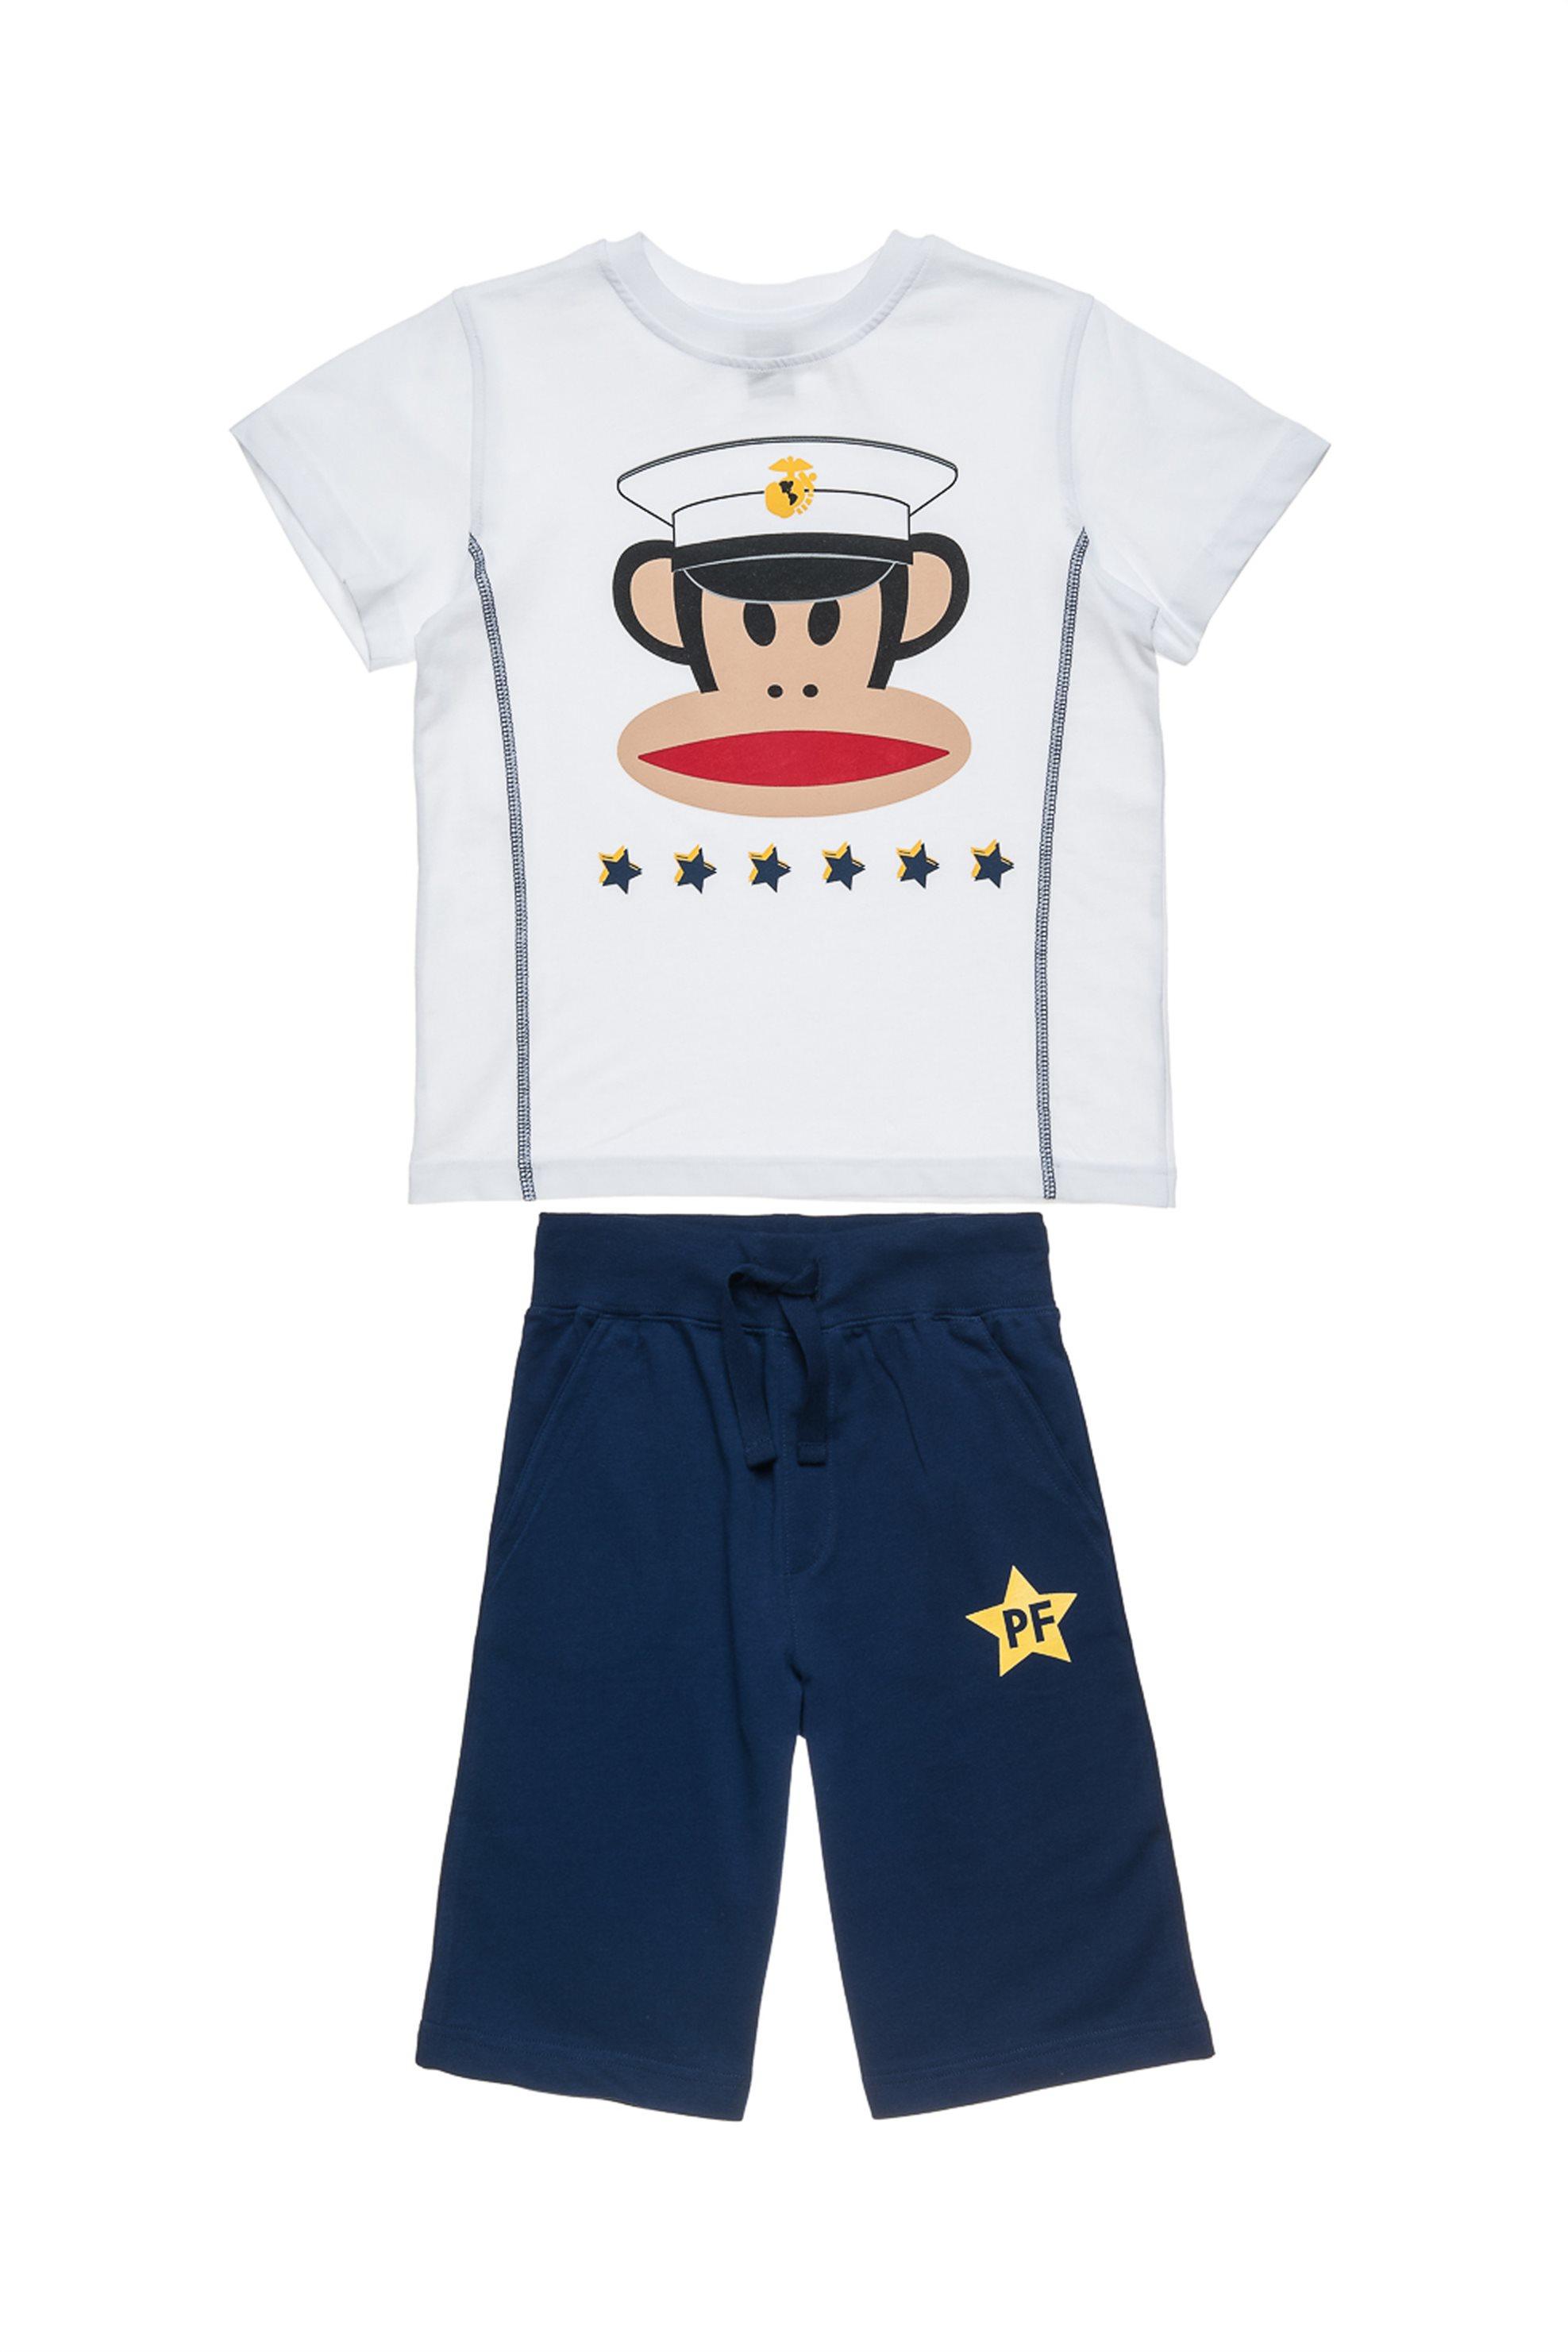 Παιδικό σετ T-shirt και βερμούδα (Αγόρι 6-16 ετών) Paul Frank Collection - 00170 παιδι   αγορι   4 14 ετων   σετ ρούχων   μπλουζάκια   παντελόνια